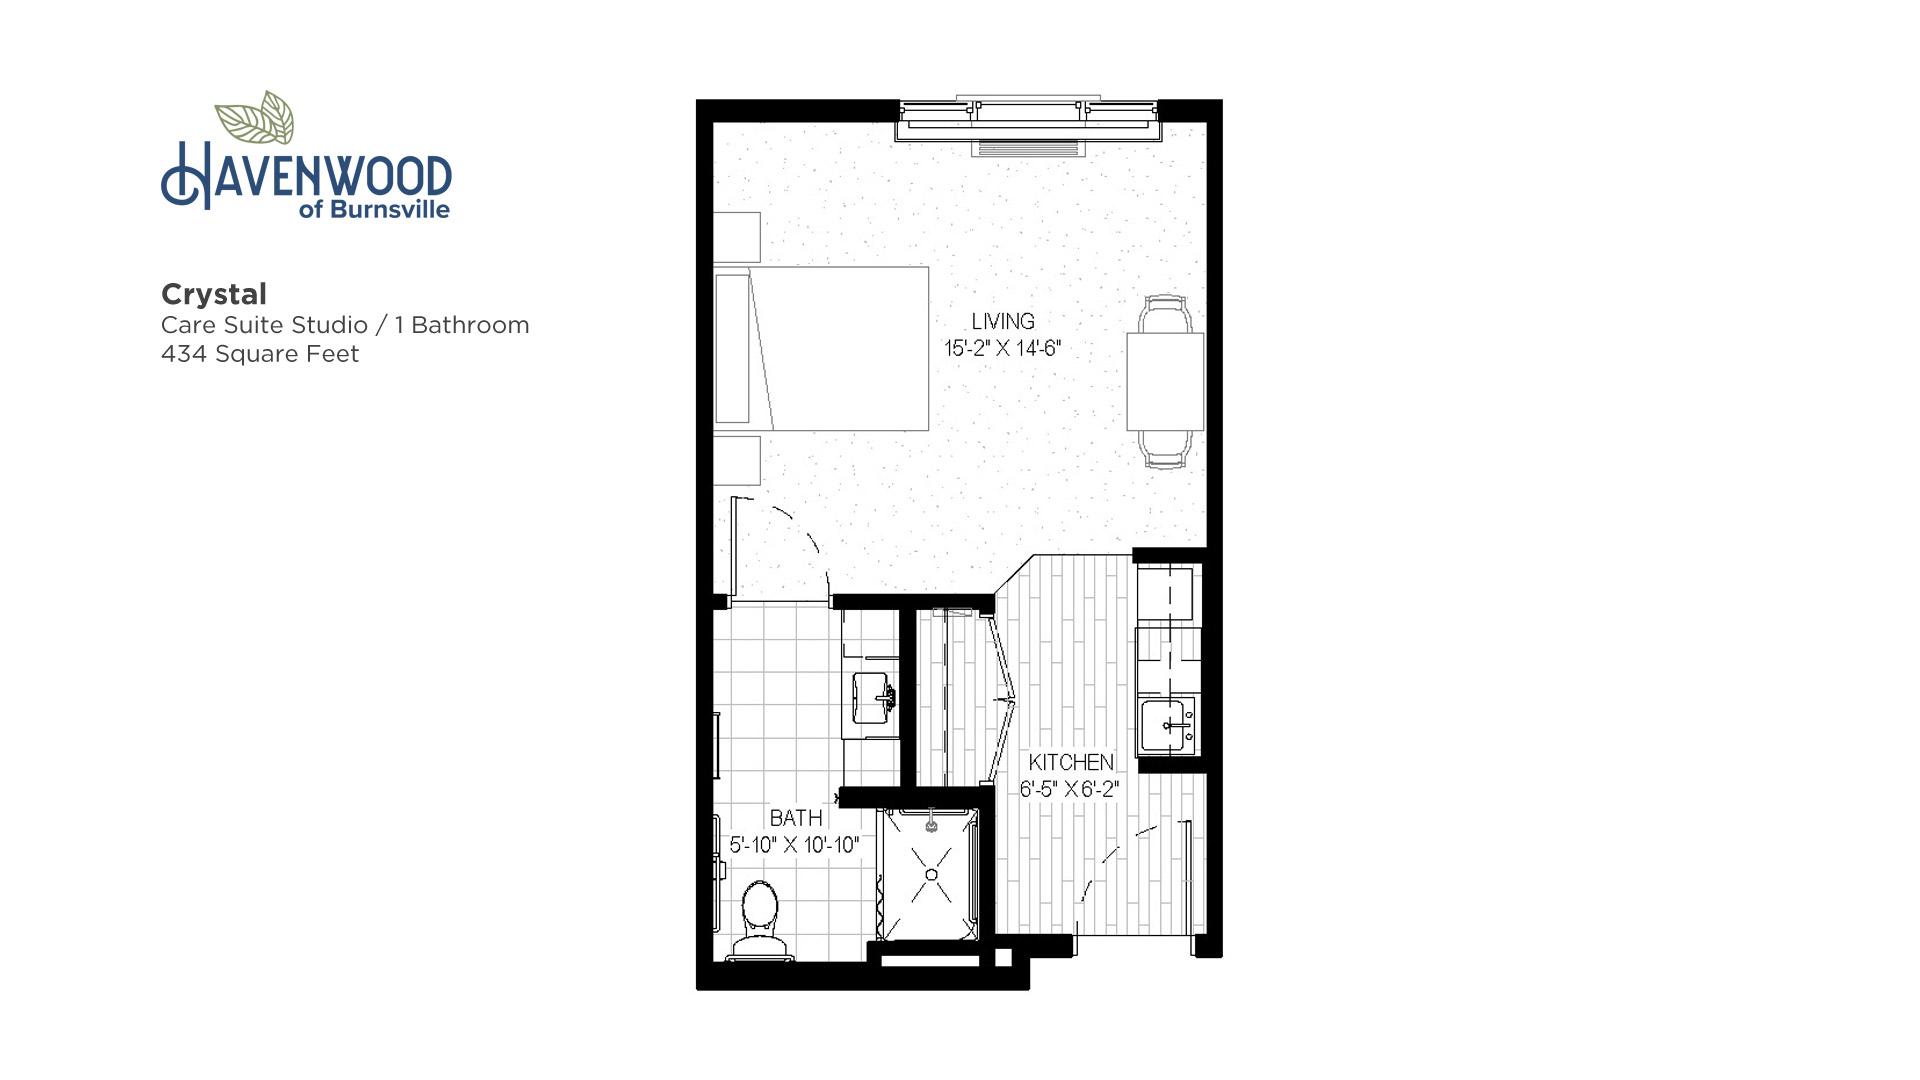 Havenwood of Burnsville Crystal Floor Plan